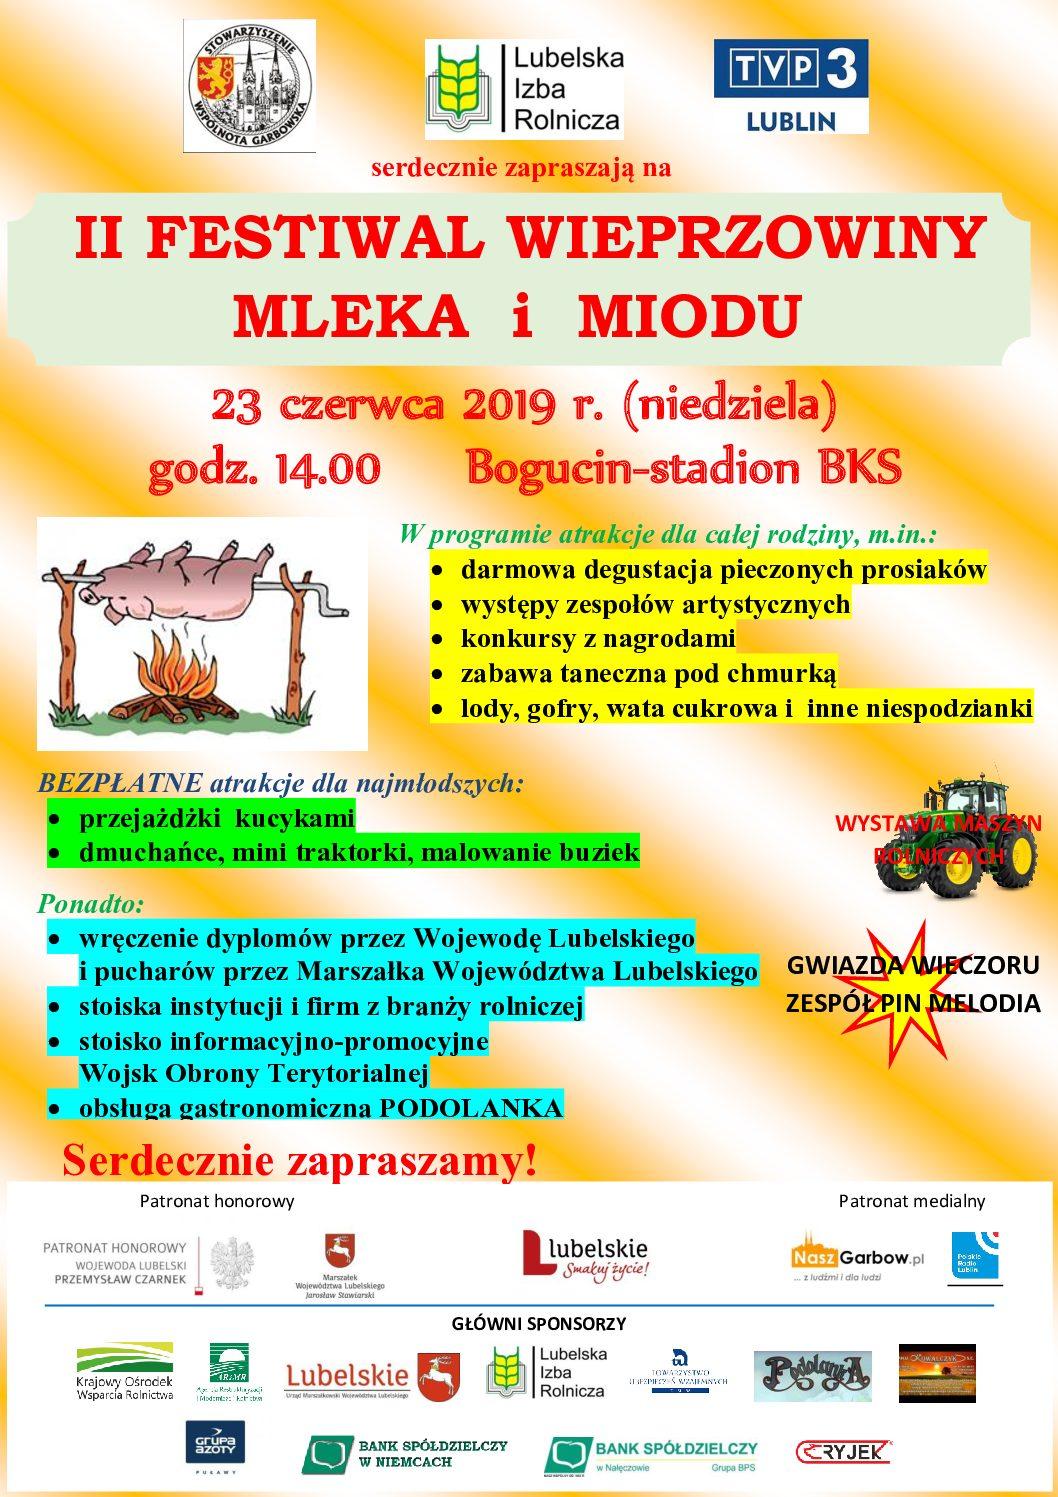 Zaproszenie na II Festiwal Wieprzowiny Mleka i Miodu – niedziela 23 czerwca 2019 r., Bogucin, Stadion BKS